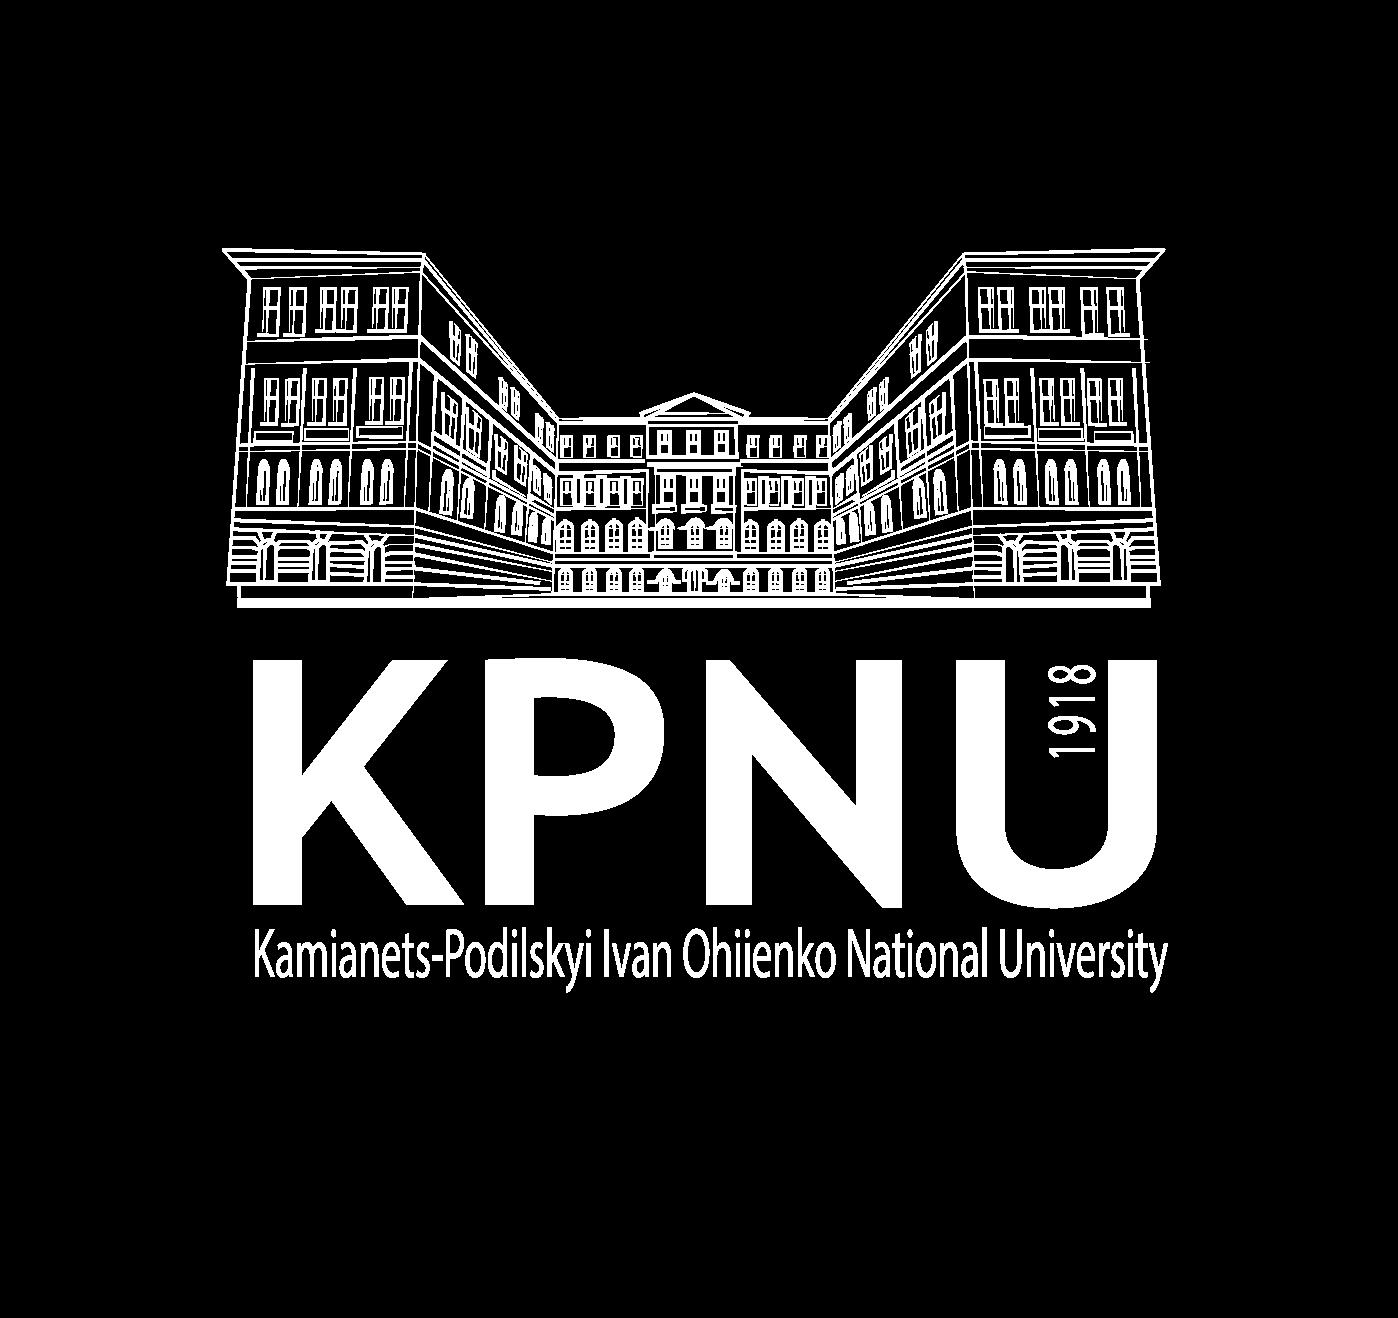 Kamianets-Podilskyi Ivan Ohiienko National University